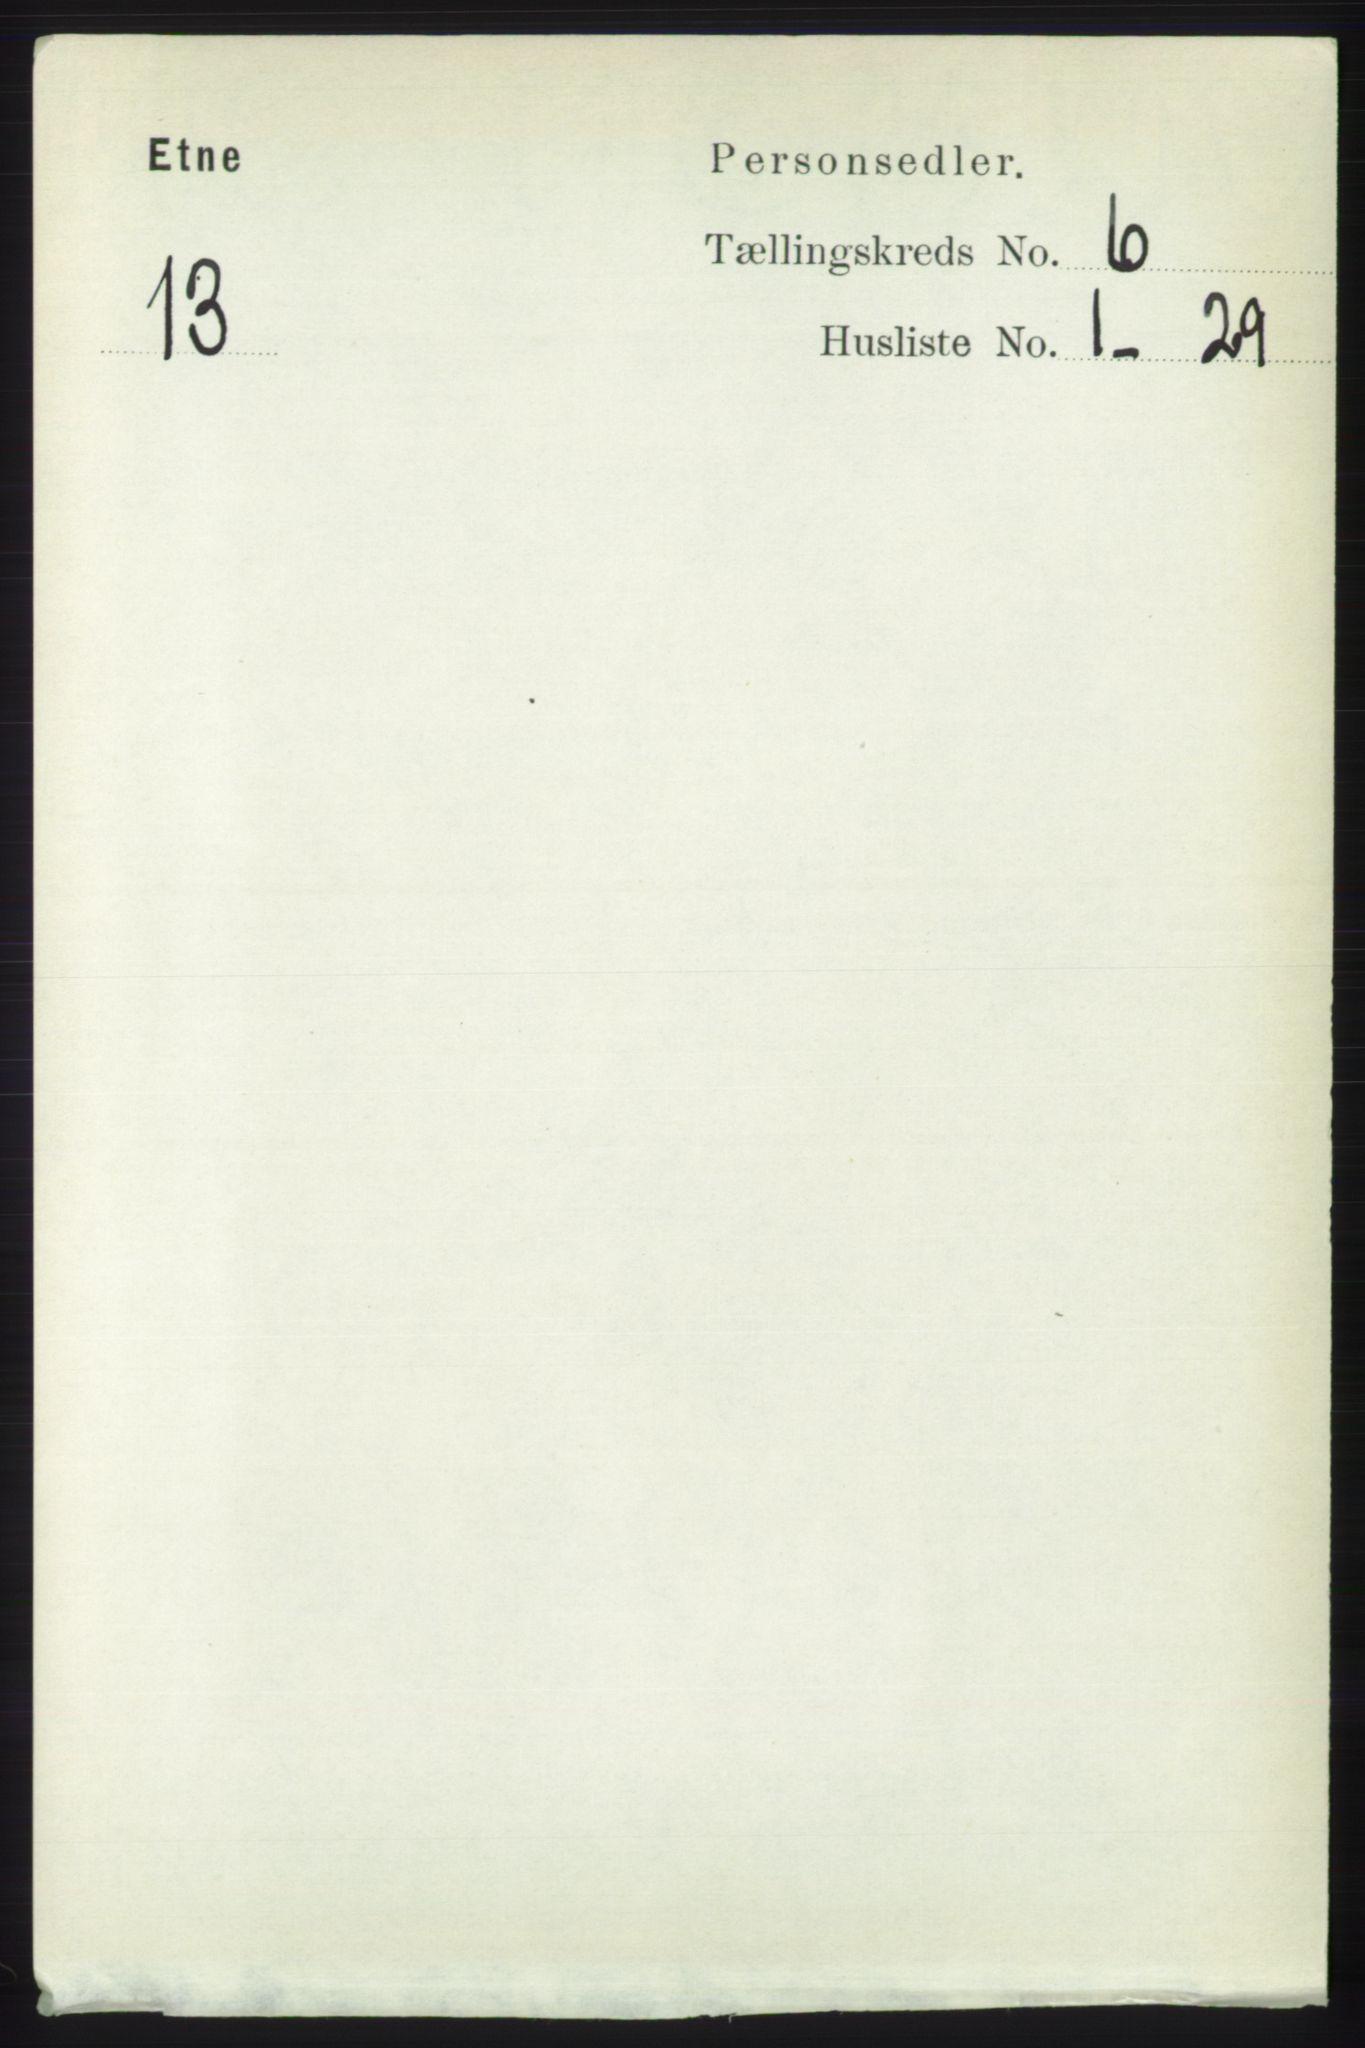 RA, Folketelling 1891 for 1211 Etne herred, 1891, s. 1211